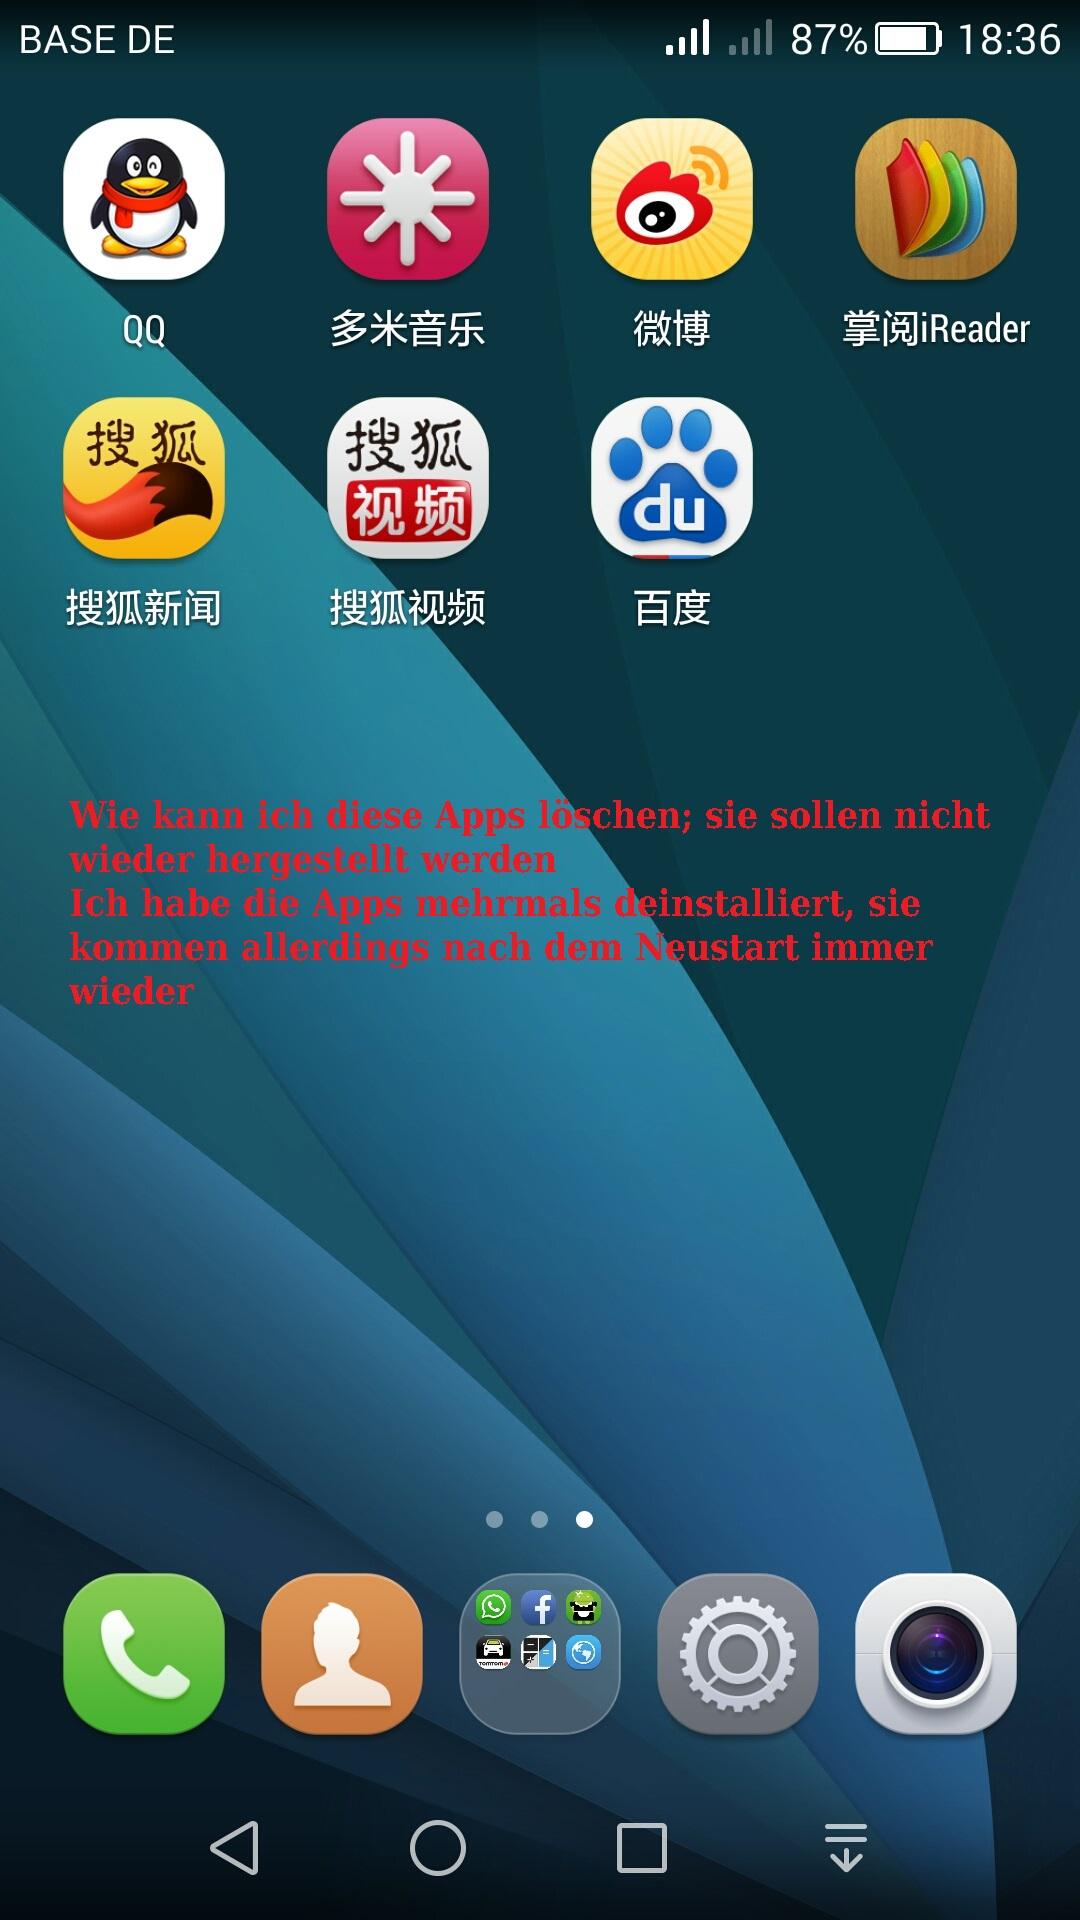 Huawei Honor 6 Chinesiche Apps Löschen Und Chinesiche Schrift